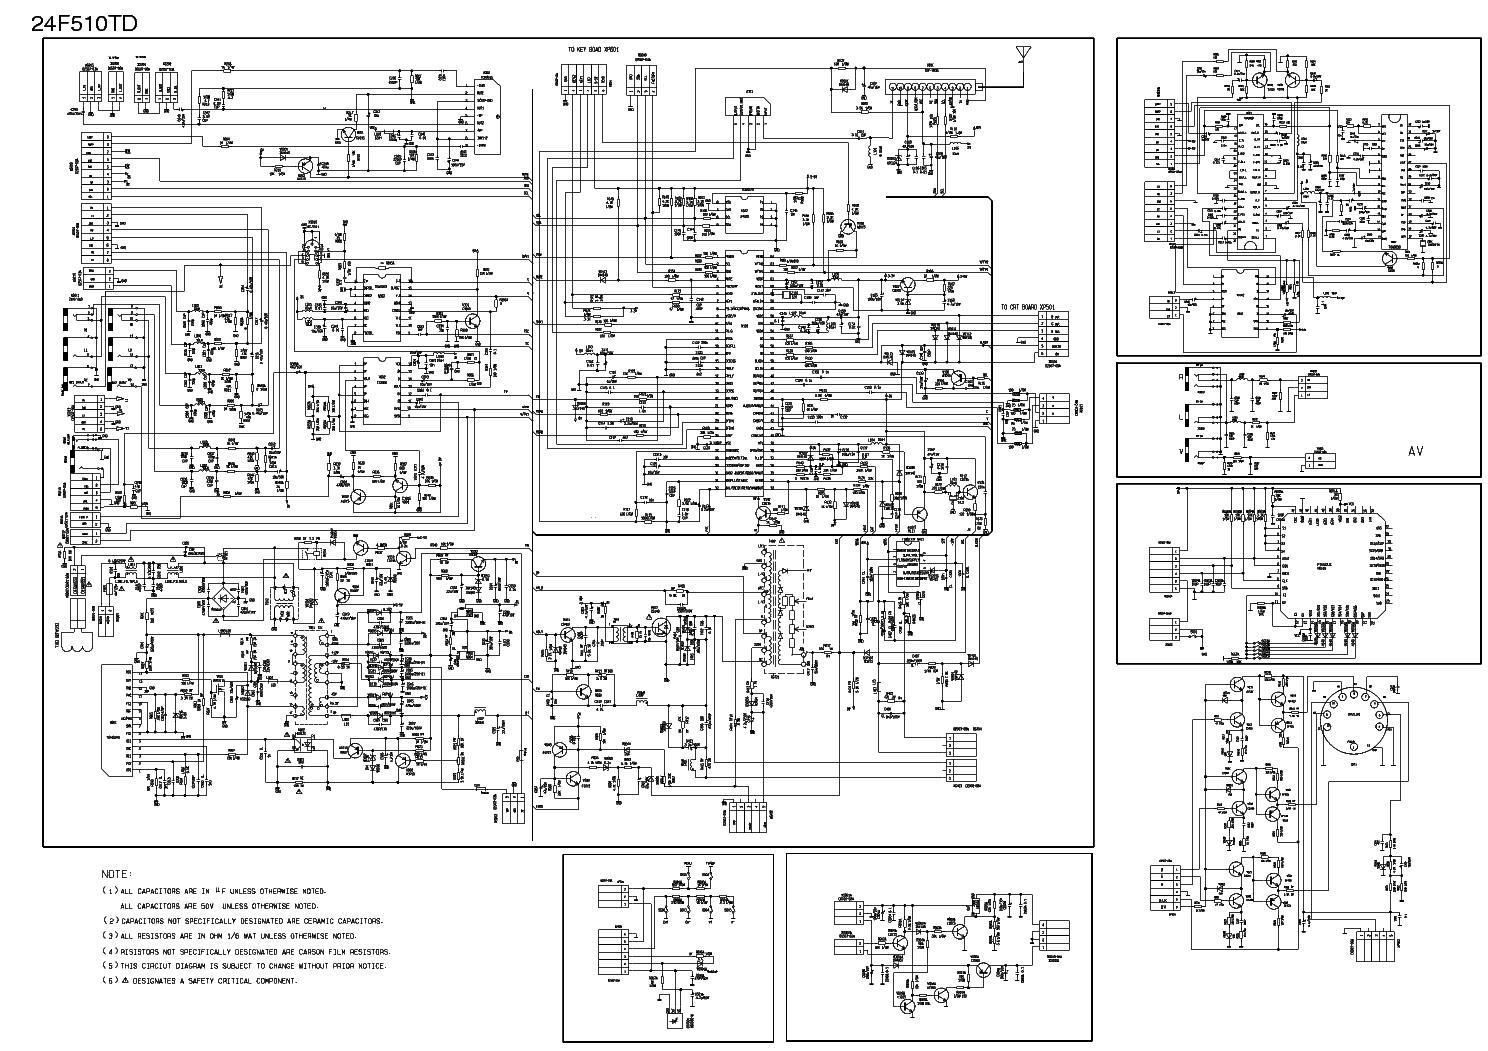 Tda9377ps n3 a